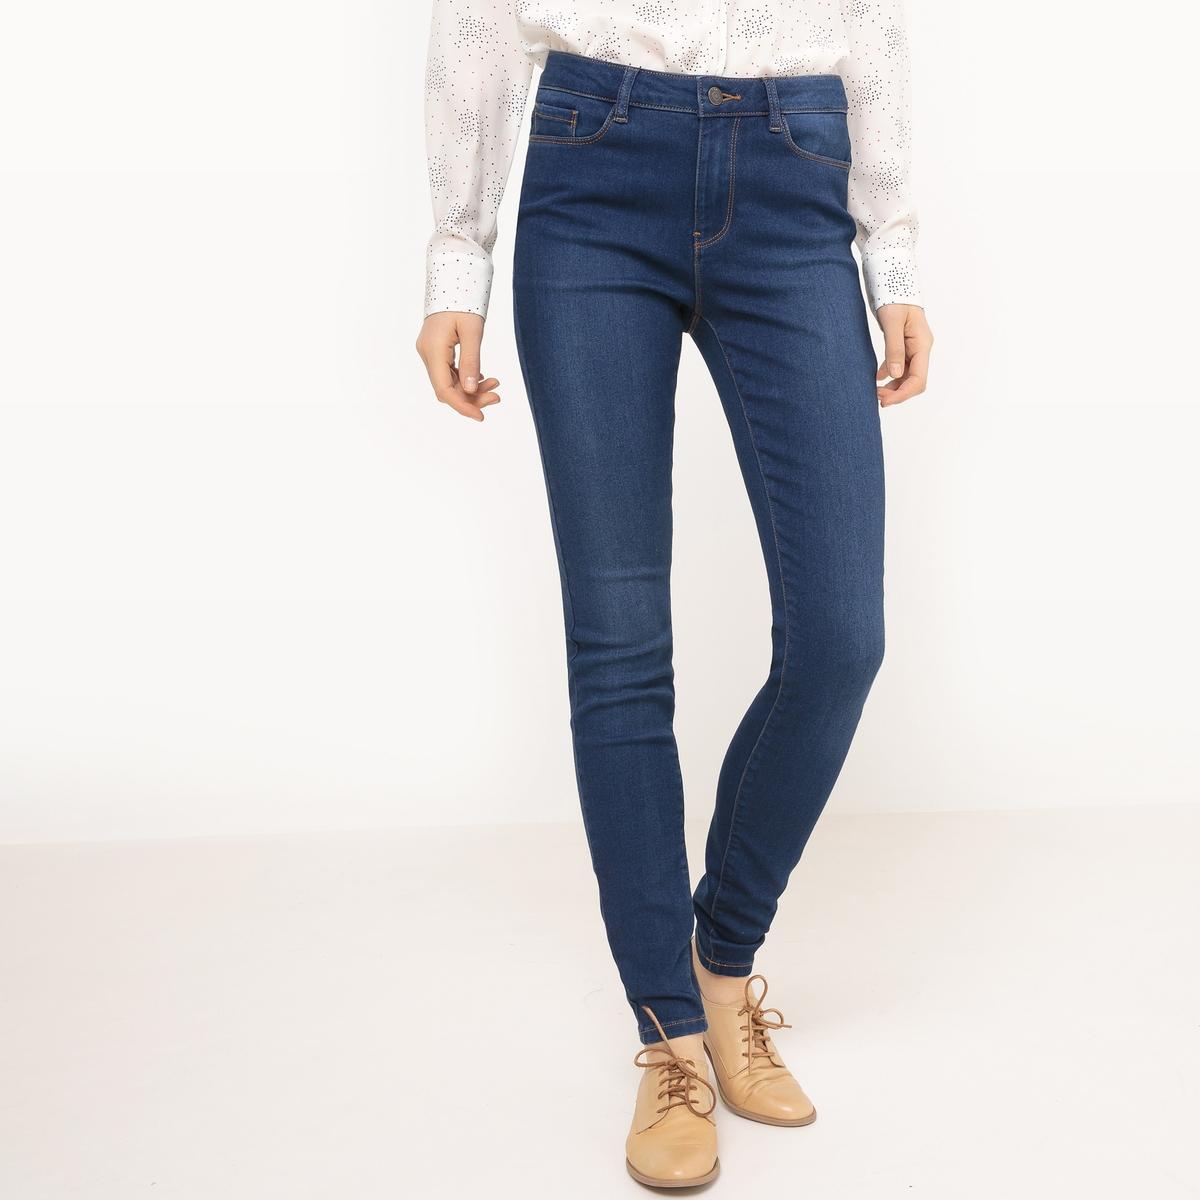 Джинсы узкие со стандартной талиейМатериал :27% вискозы, 41% хлопка, 2% эластана, 30% полиэстера      Высота пояса : стандартная  Покрой джинсов : узкий  Длина джинсов : длина 32<br><br>Цвет: синий стираный